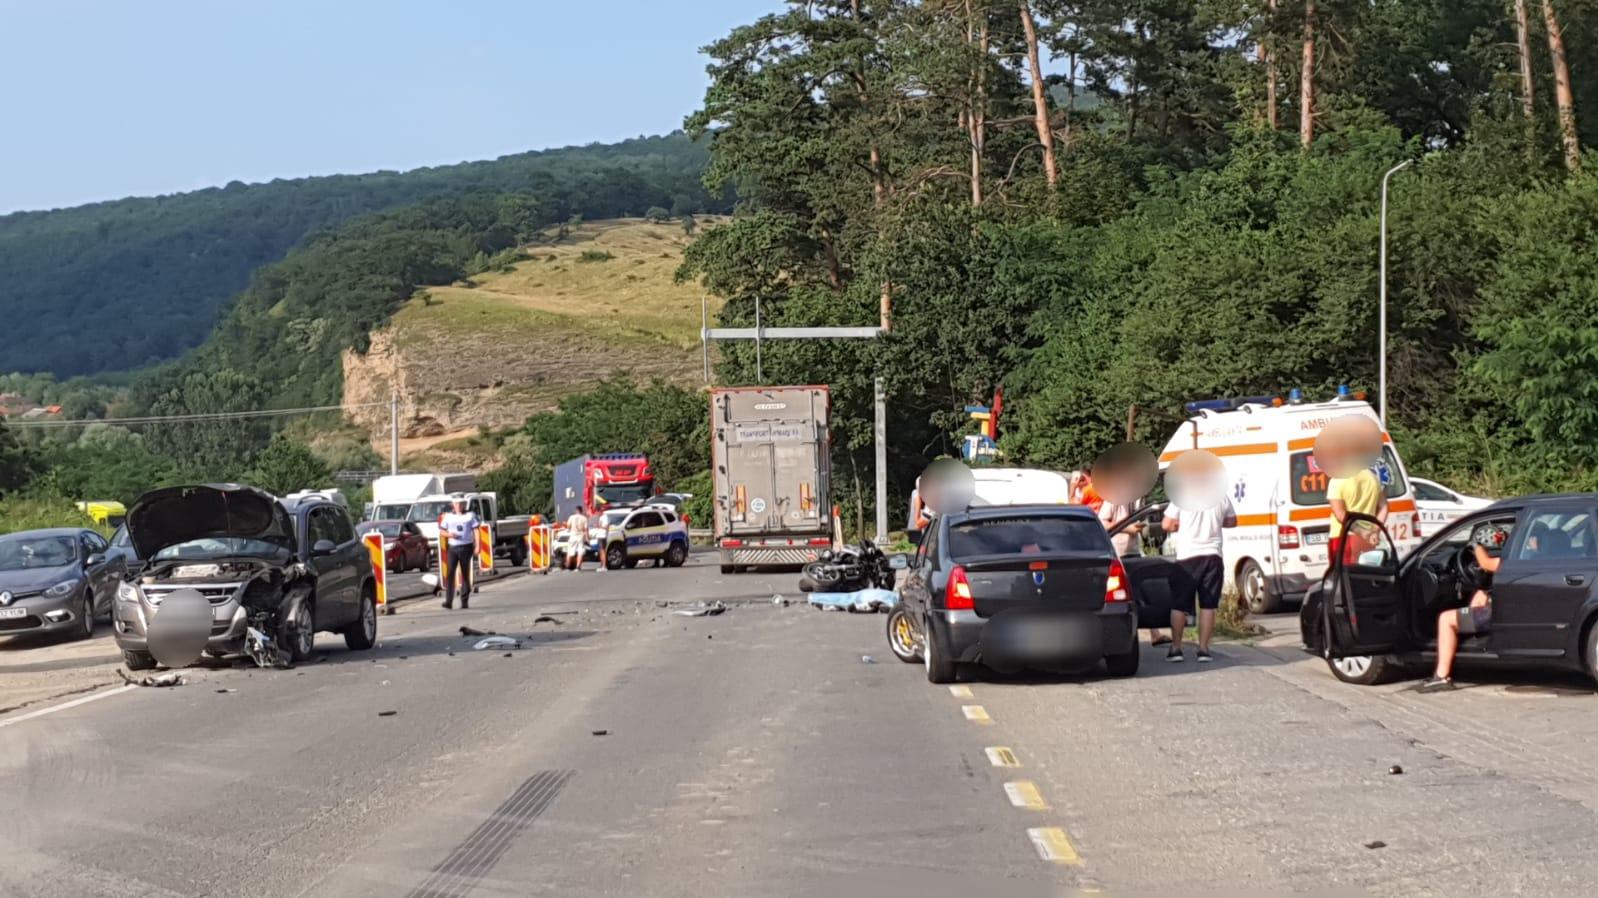 Al treilea accident mortal al zilei de vineri: un motociclist a decedat la Tălmaciu